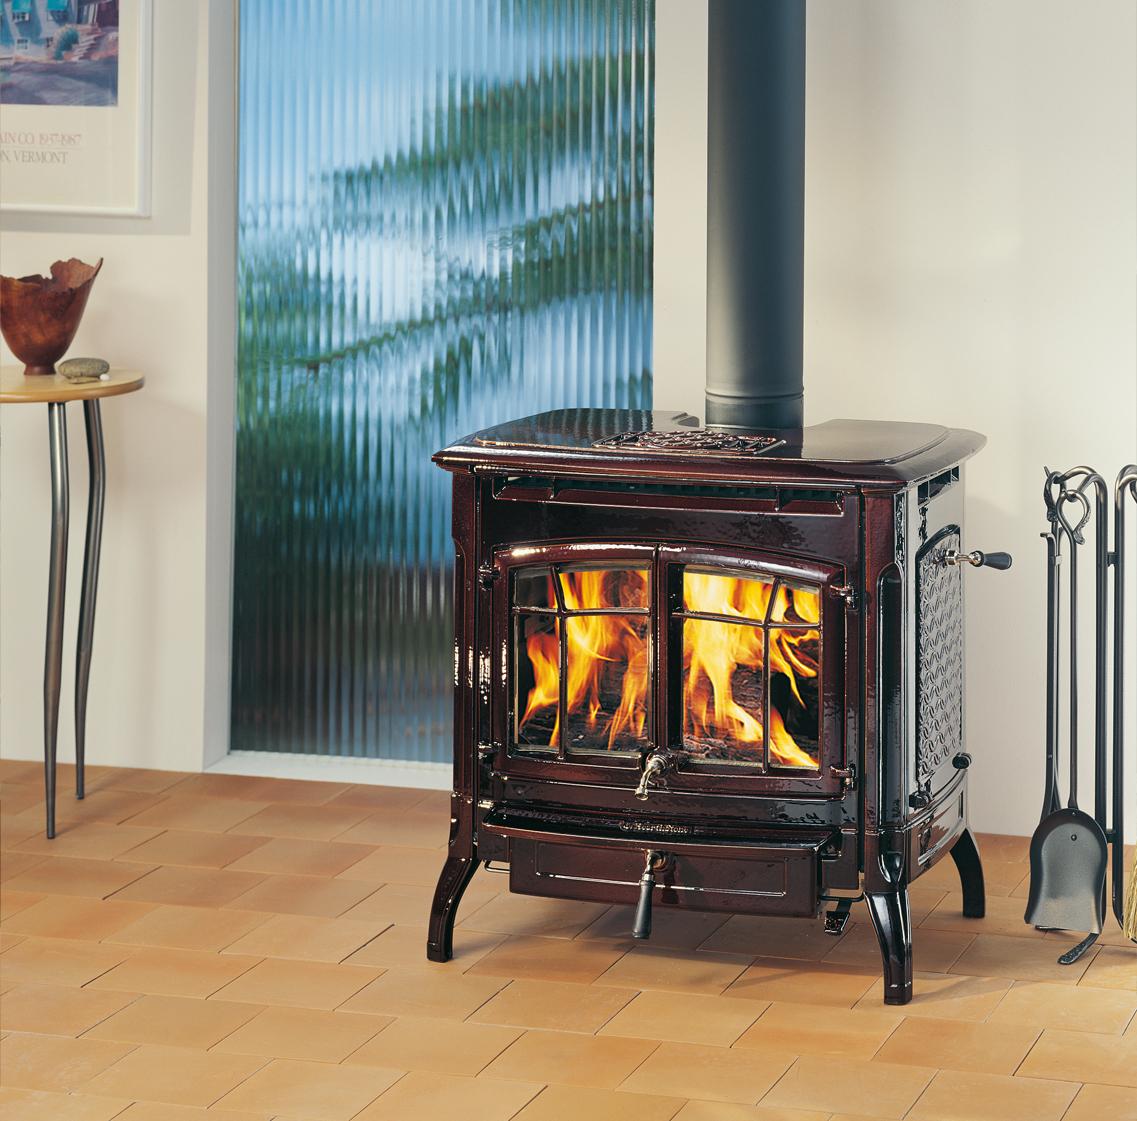 Ahorra dinero con tu calefacci n este invierno - Temperatura calefaccion invierno ...